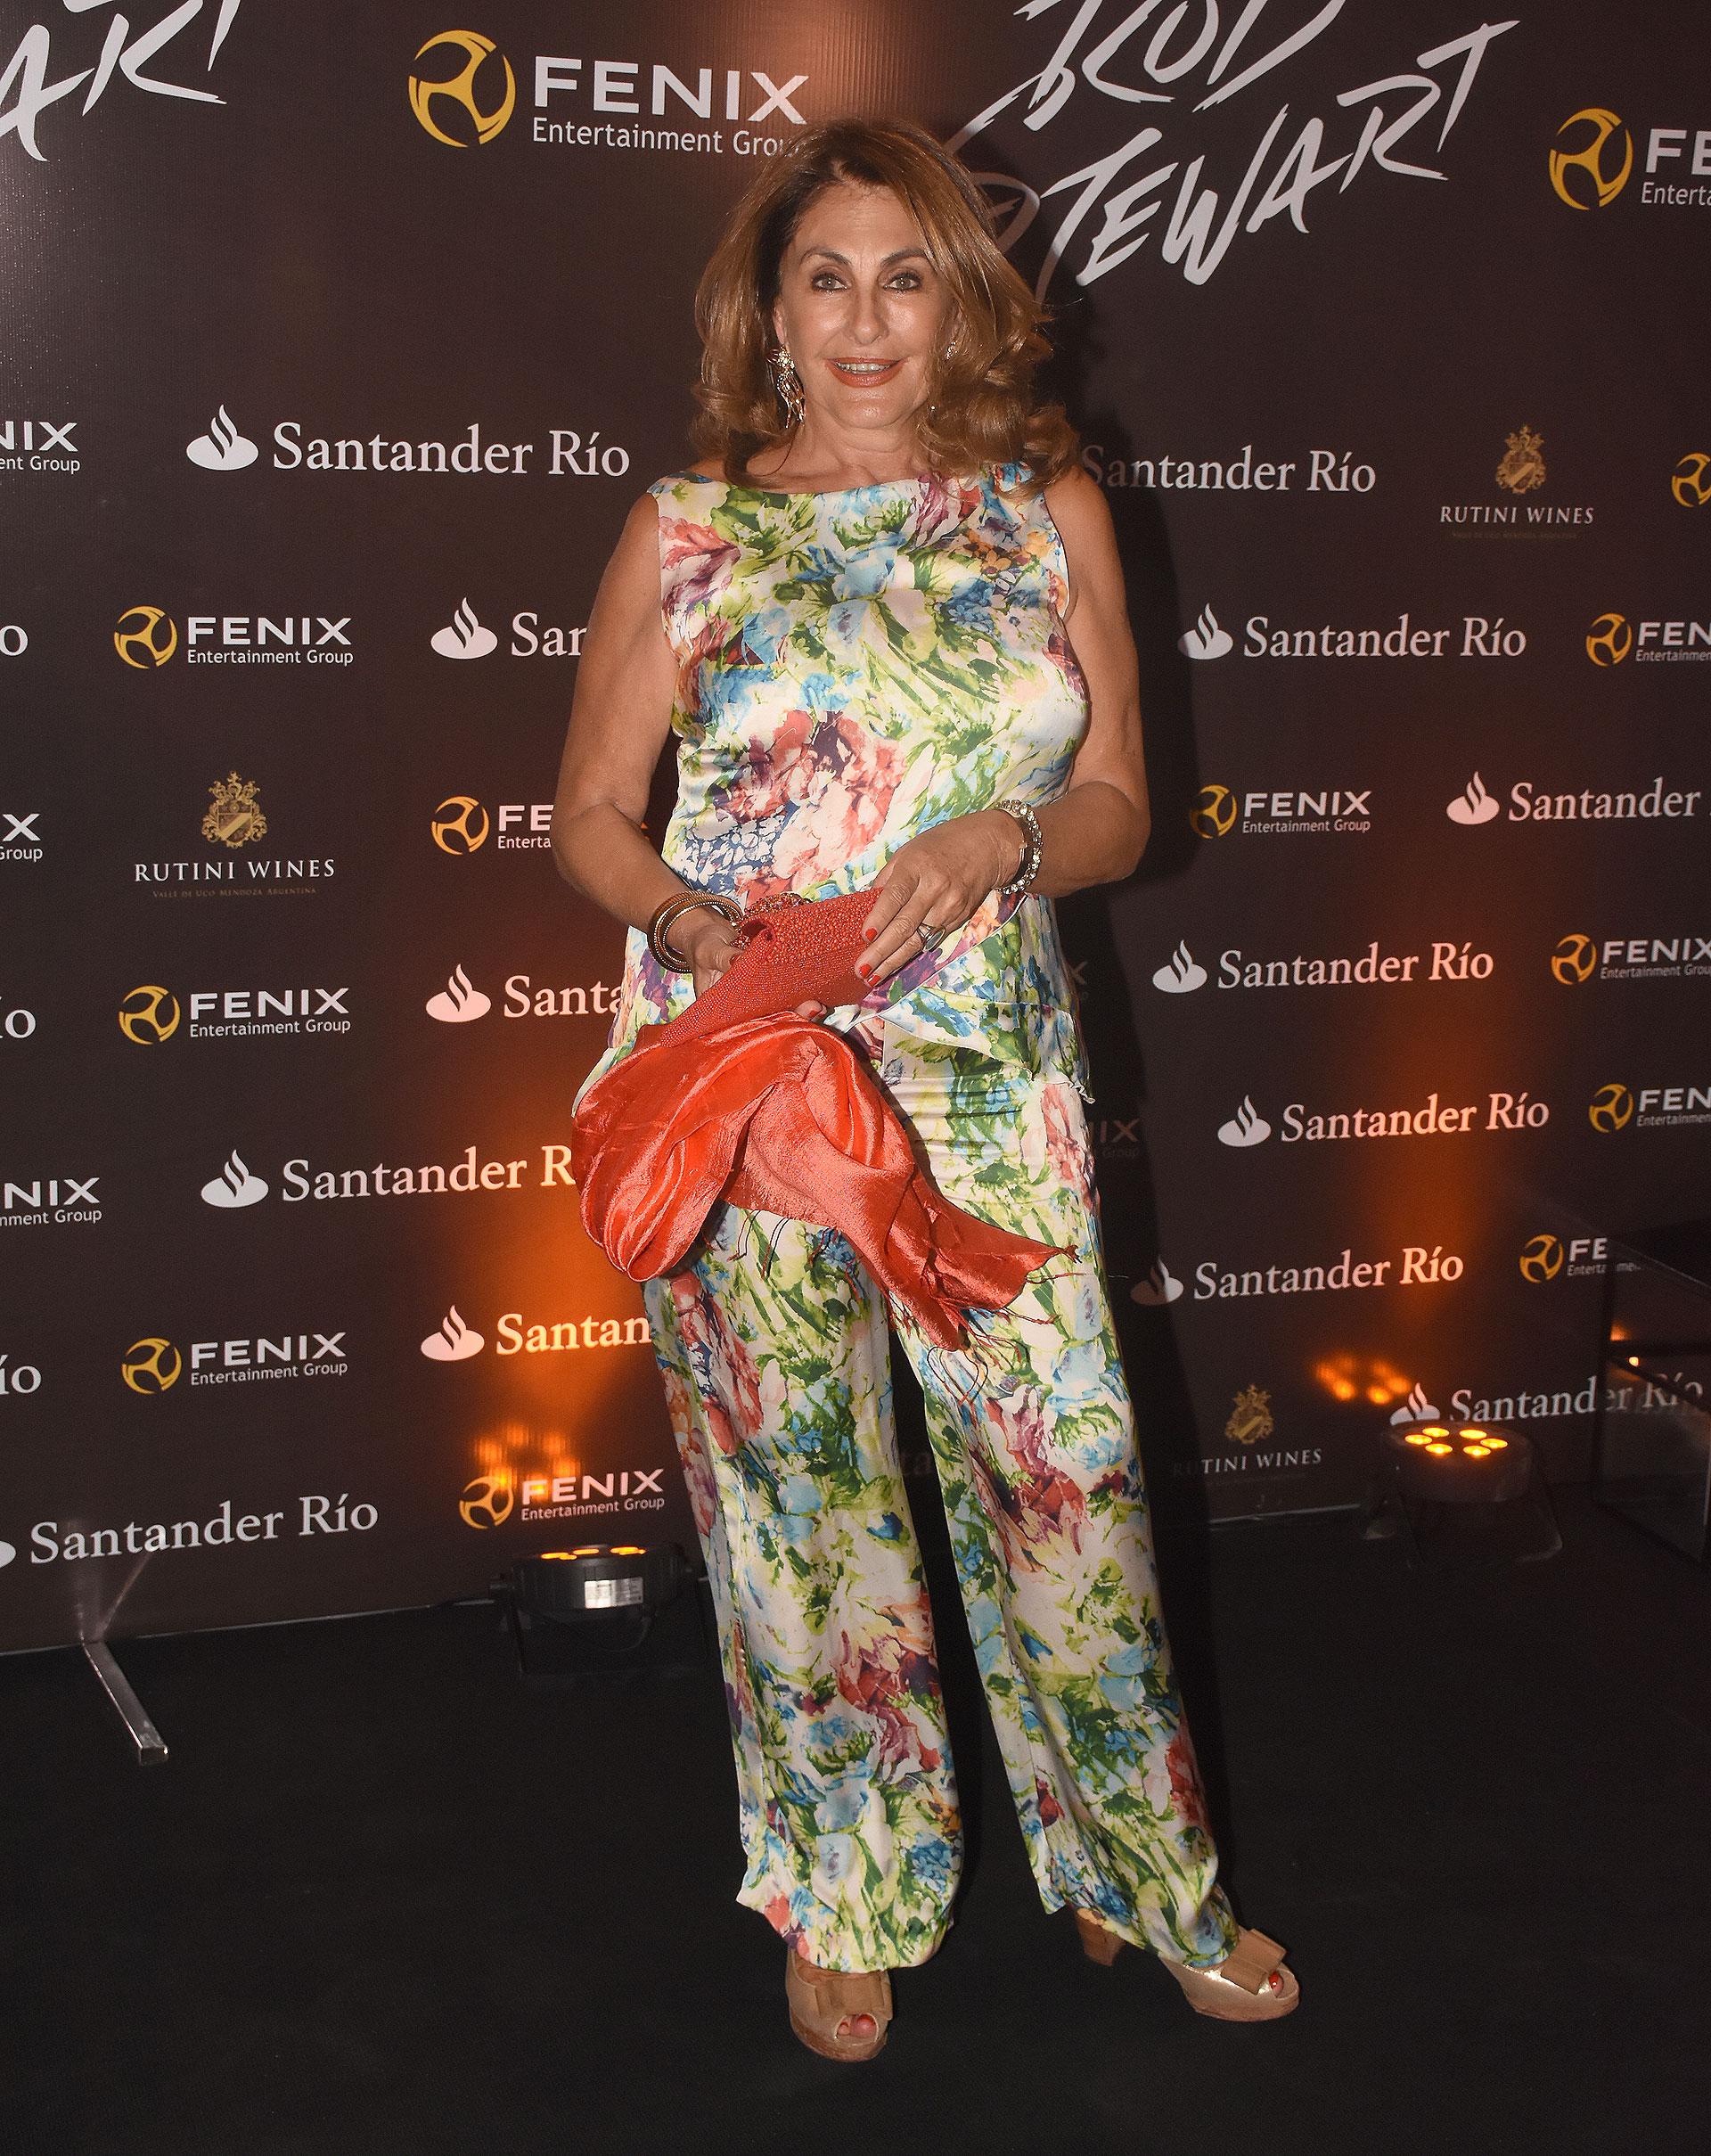 Sílvia Fernández Barrio /// Fotos: Nicolás Stulberg y Fenix Entertainment Group